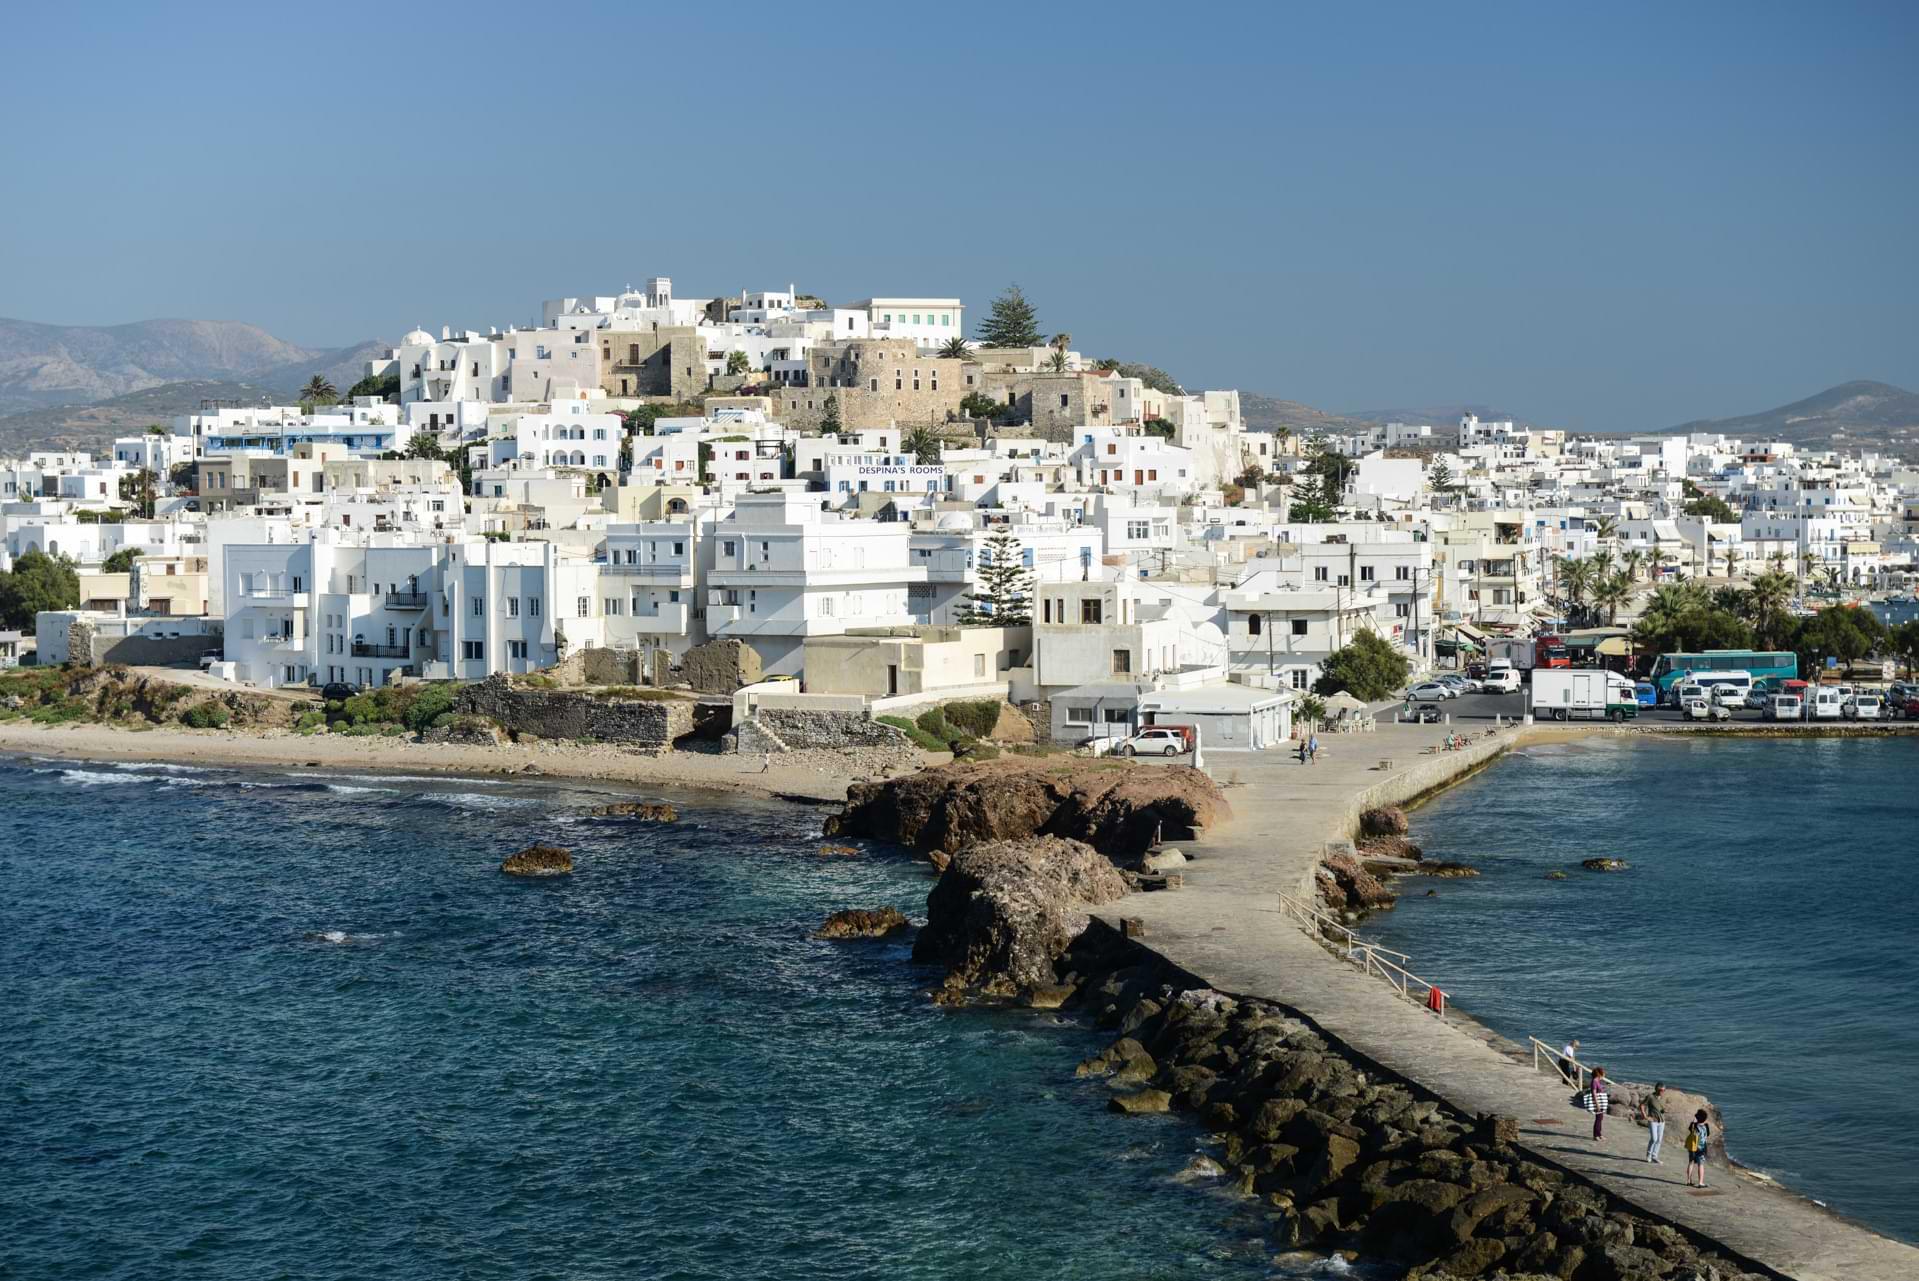 Naxos, Chora, Naxos-Stadt, Kykladen, Griechenland, Inselhüpfen, Island-Hopping, griechische, Inseln, Mittelmeer, Bilder, Fotos, Reiseberichte, www.wo-der-pfeffer-waechst.de